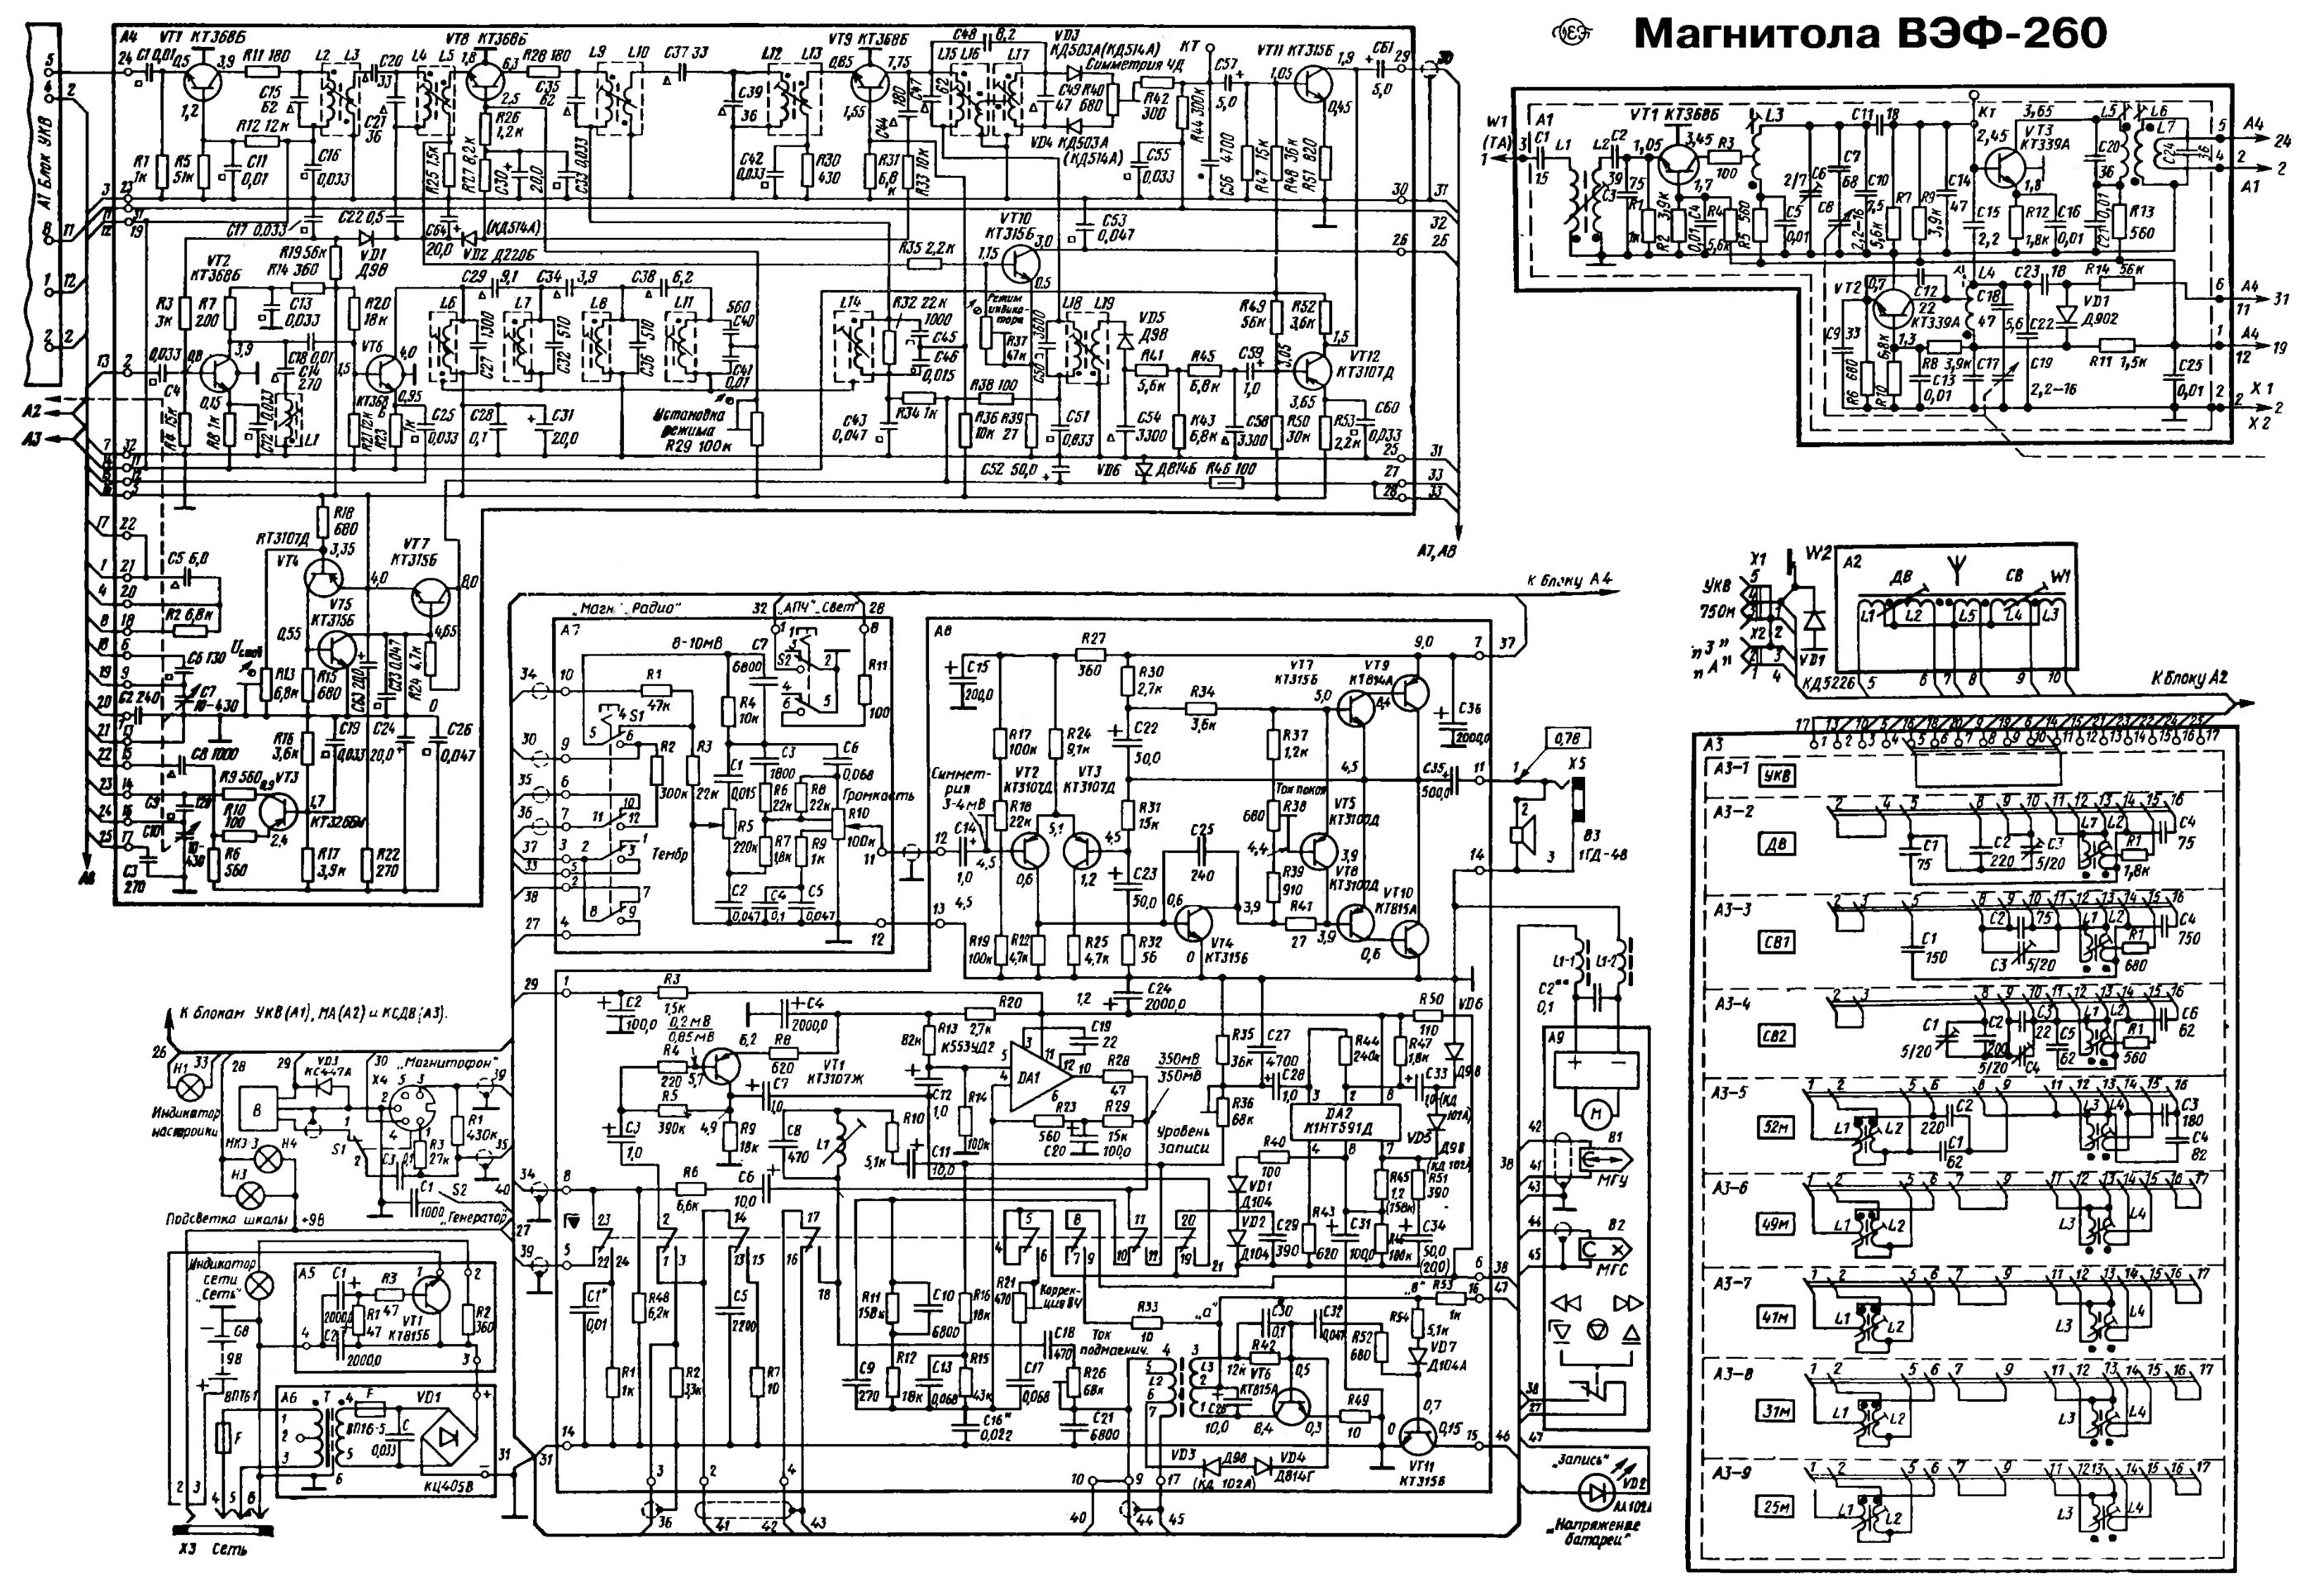 Схема магнитолы vef sigma